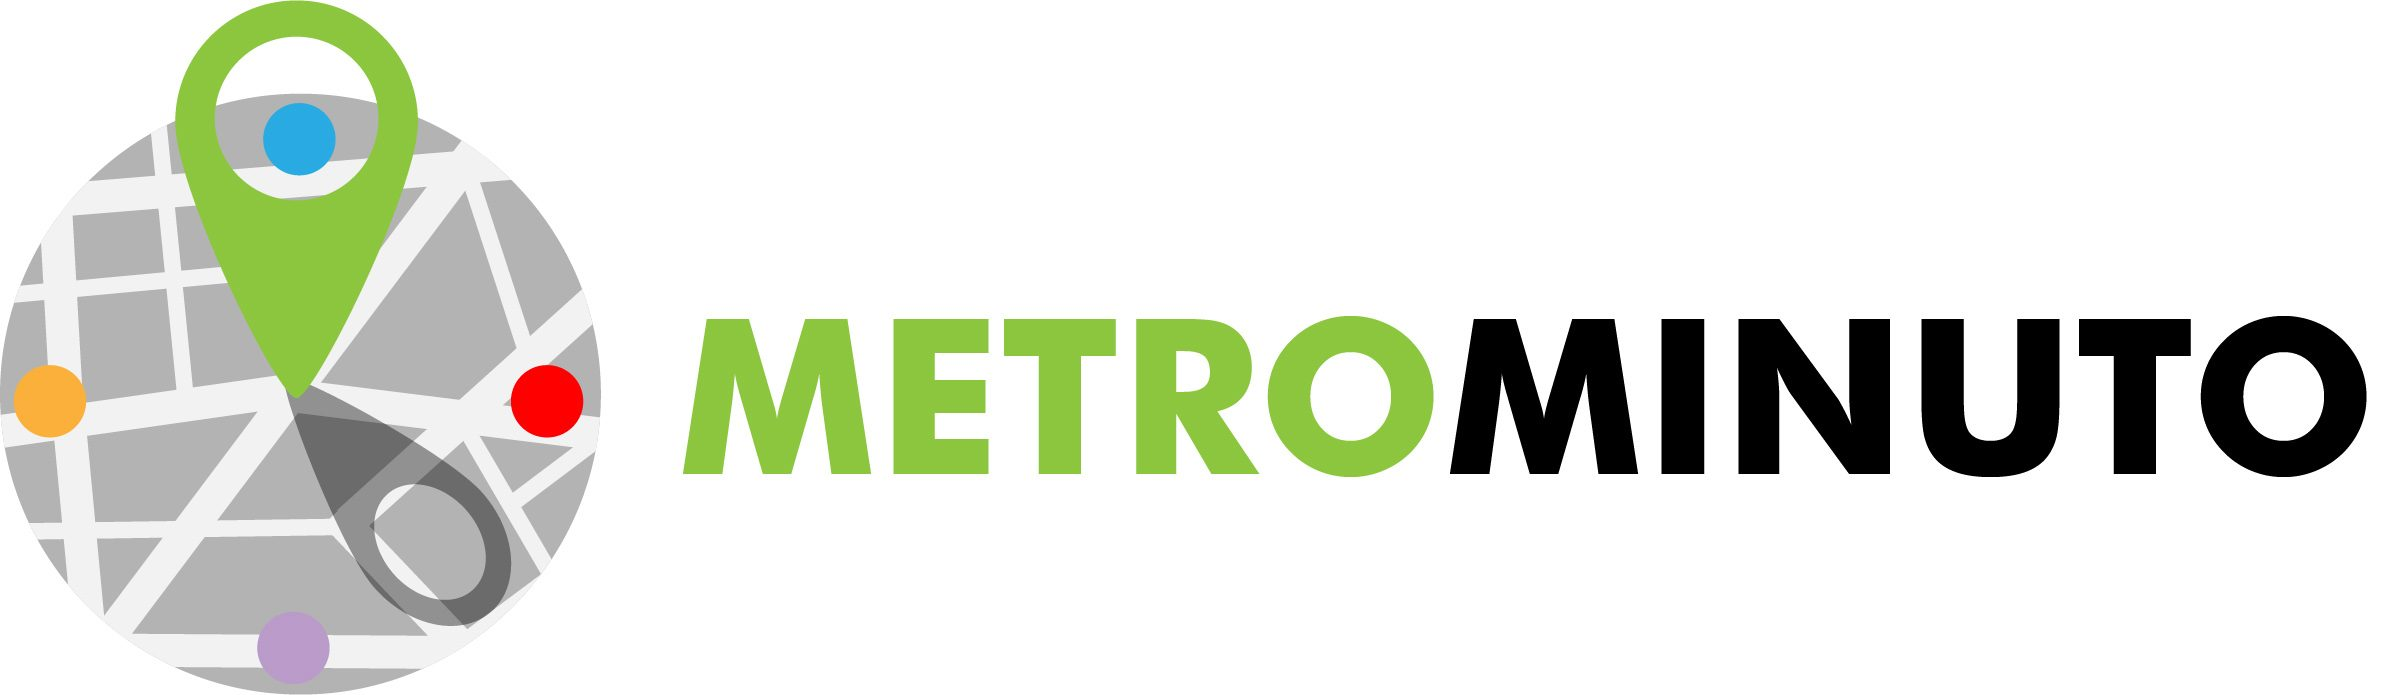 MetroMinuto